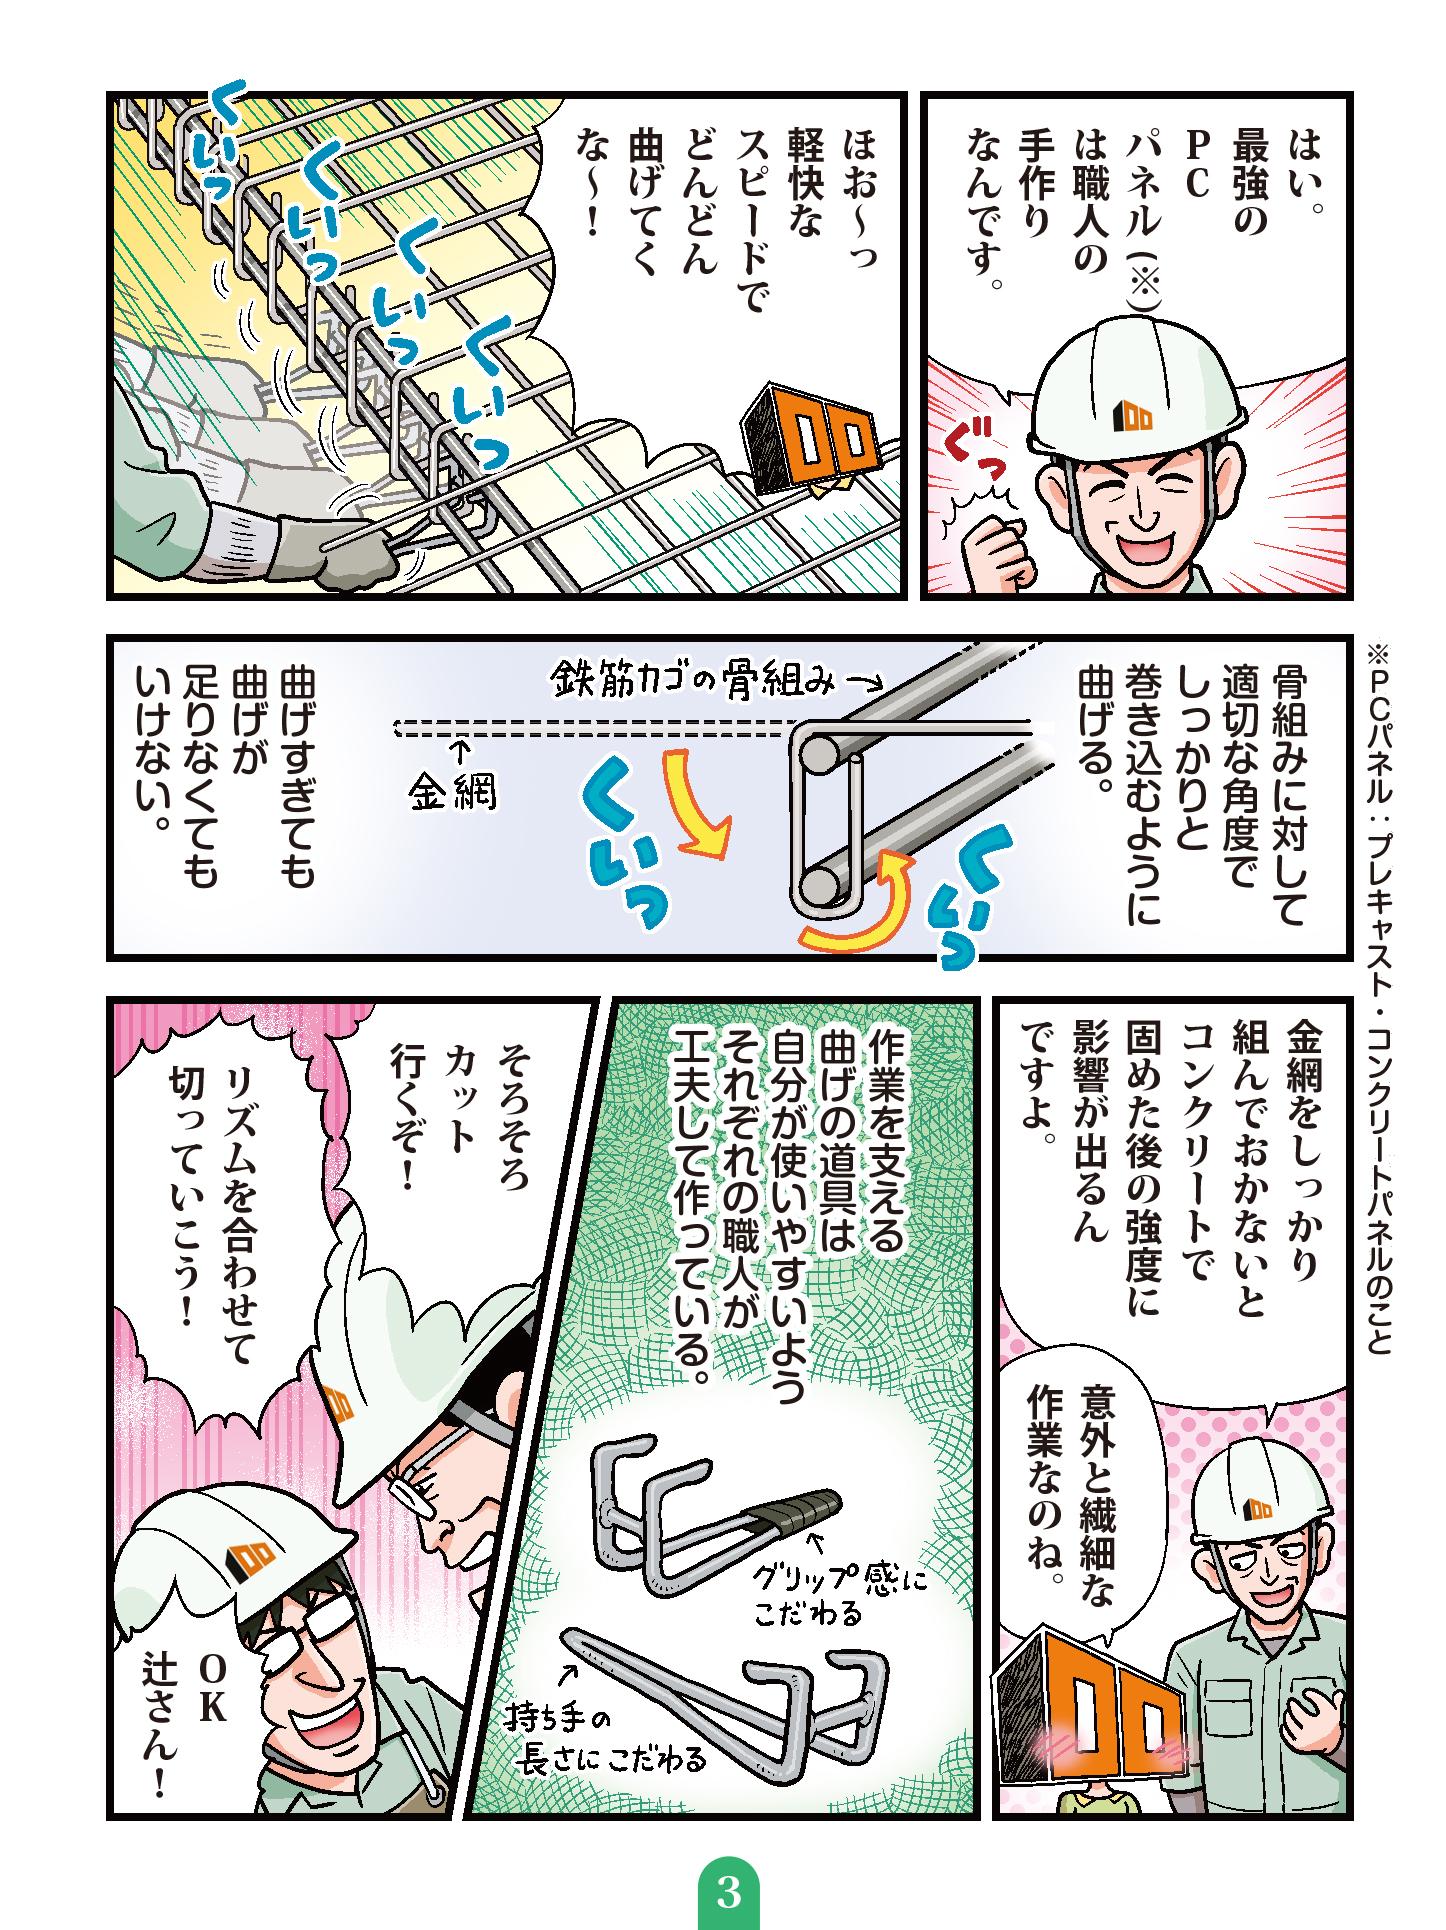 最強職人列伝 第2話 網かけ職人03